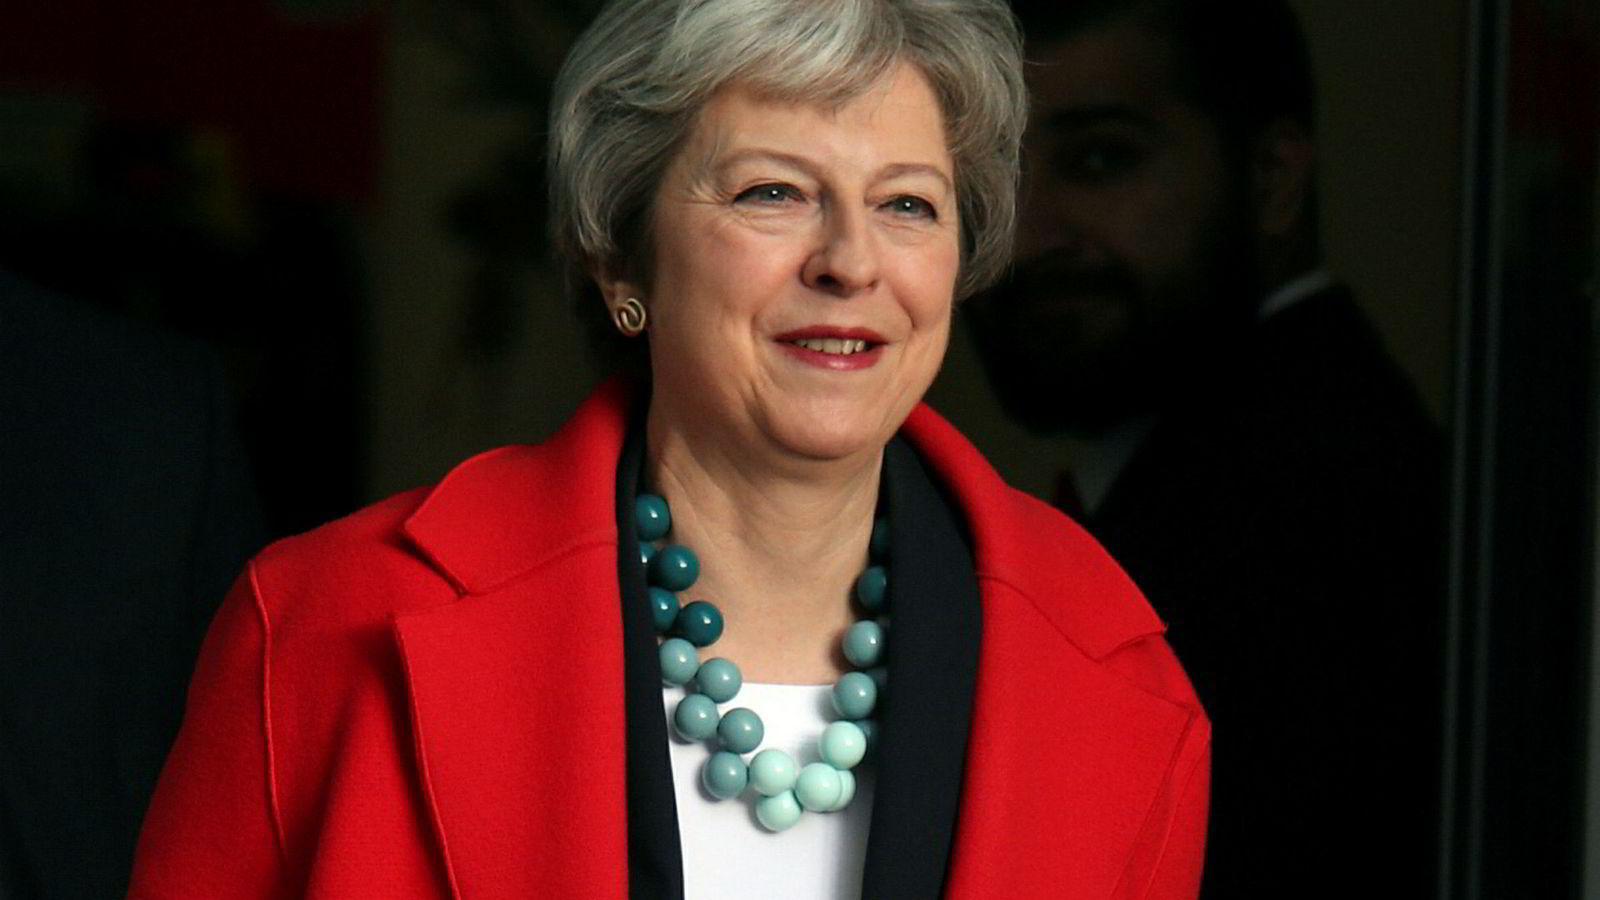 Storbritannias statsminister Theresa May håper Parlamentet vil stemme for skilsmisseavtalen hun har forhandlet fram med EU. Men motstanden mot avtalen er massiv.